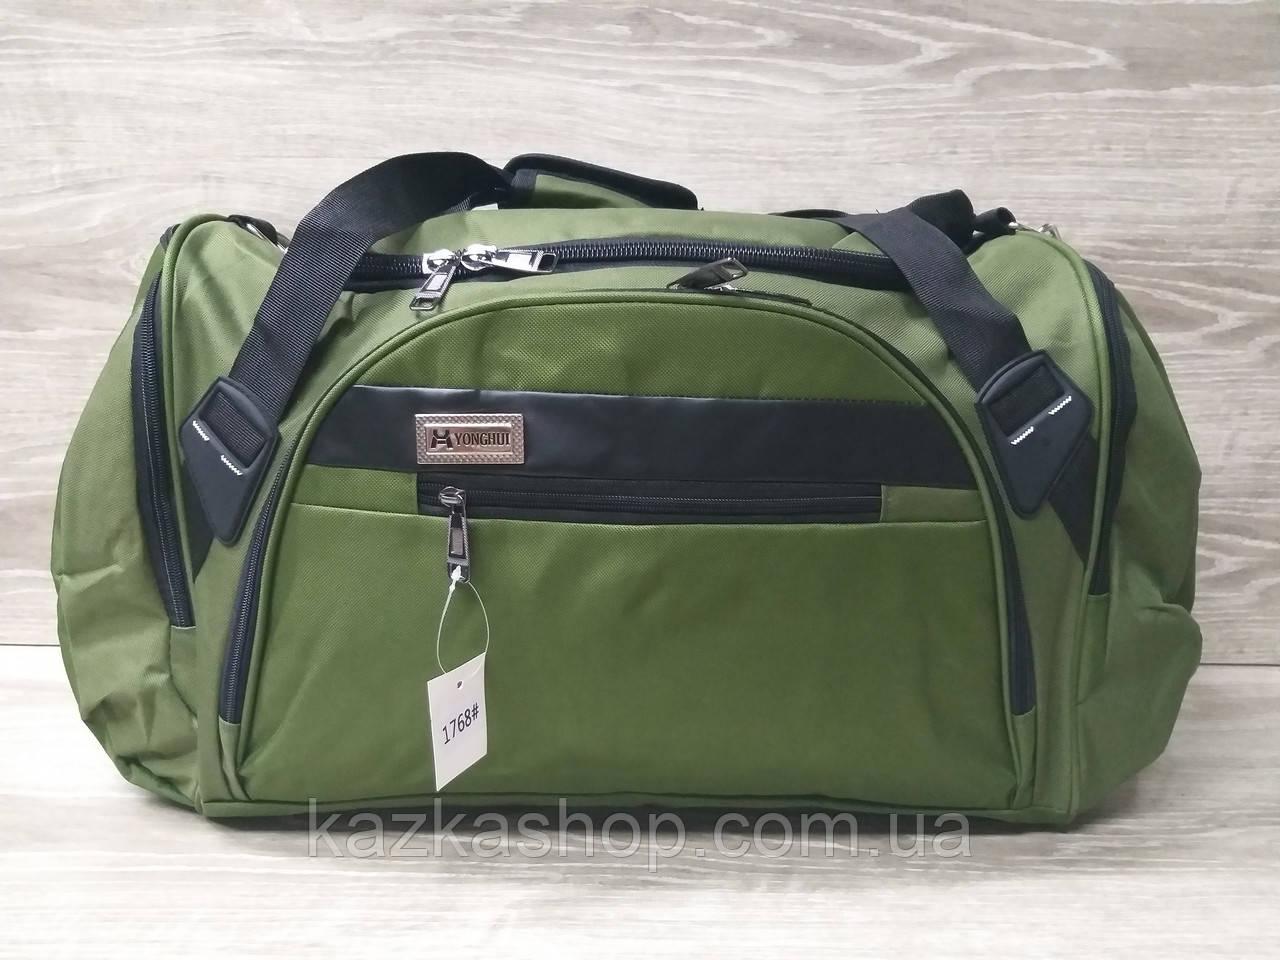 Дорожная сумка хорошего качества, большого размера 60х28х25 см, плотный материал, ножки на дне сумке